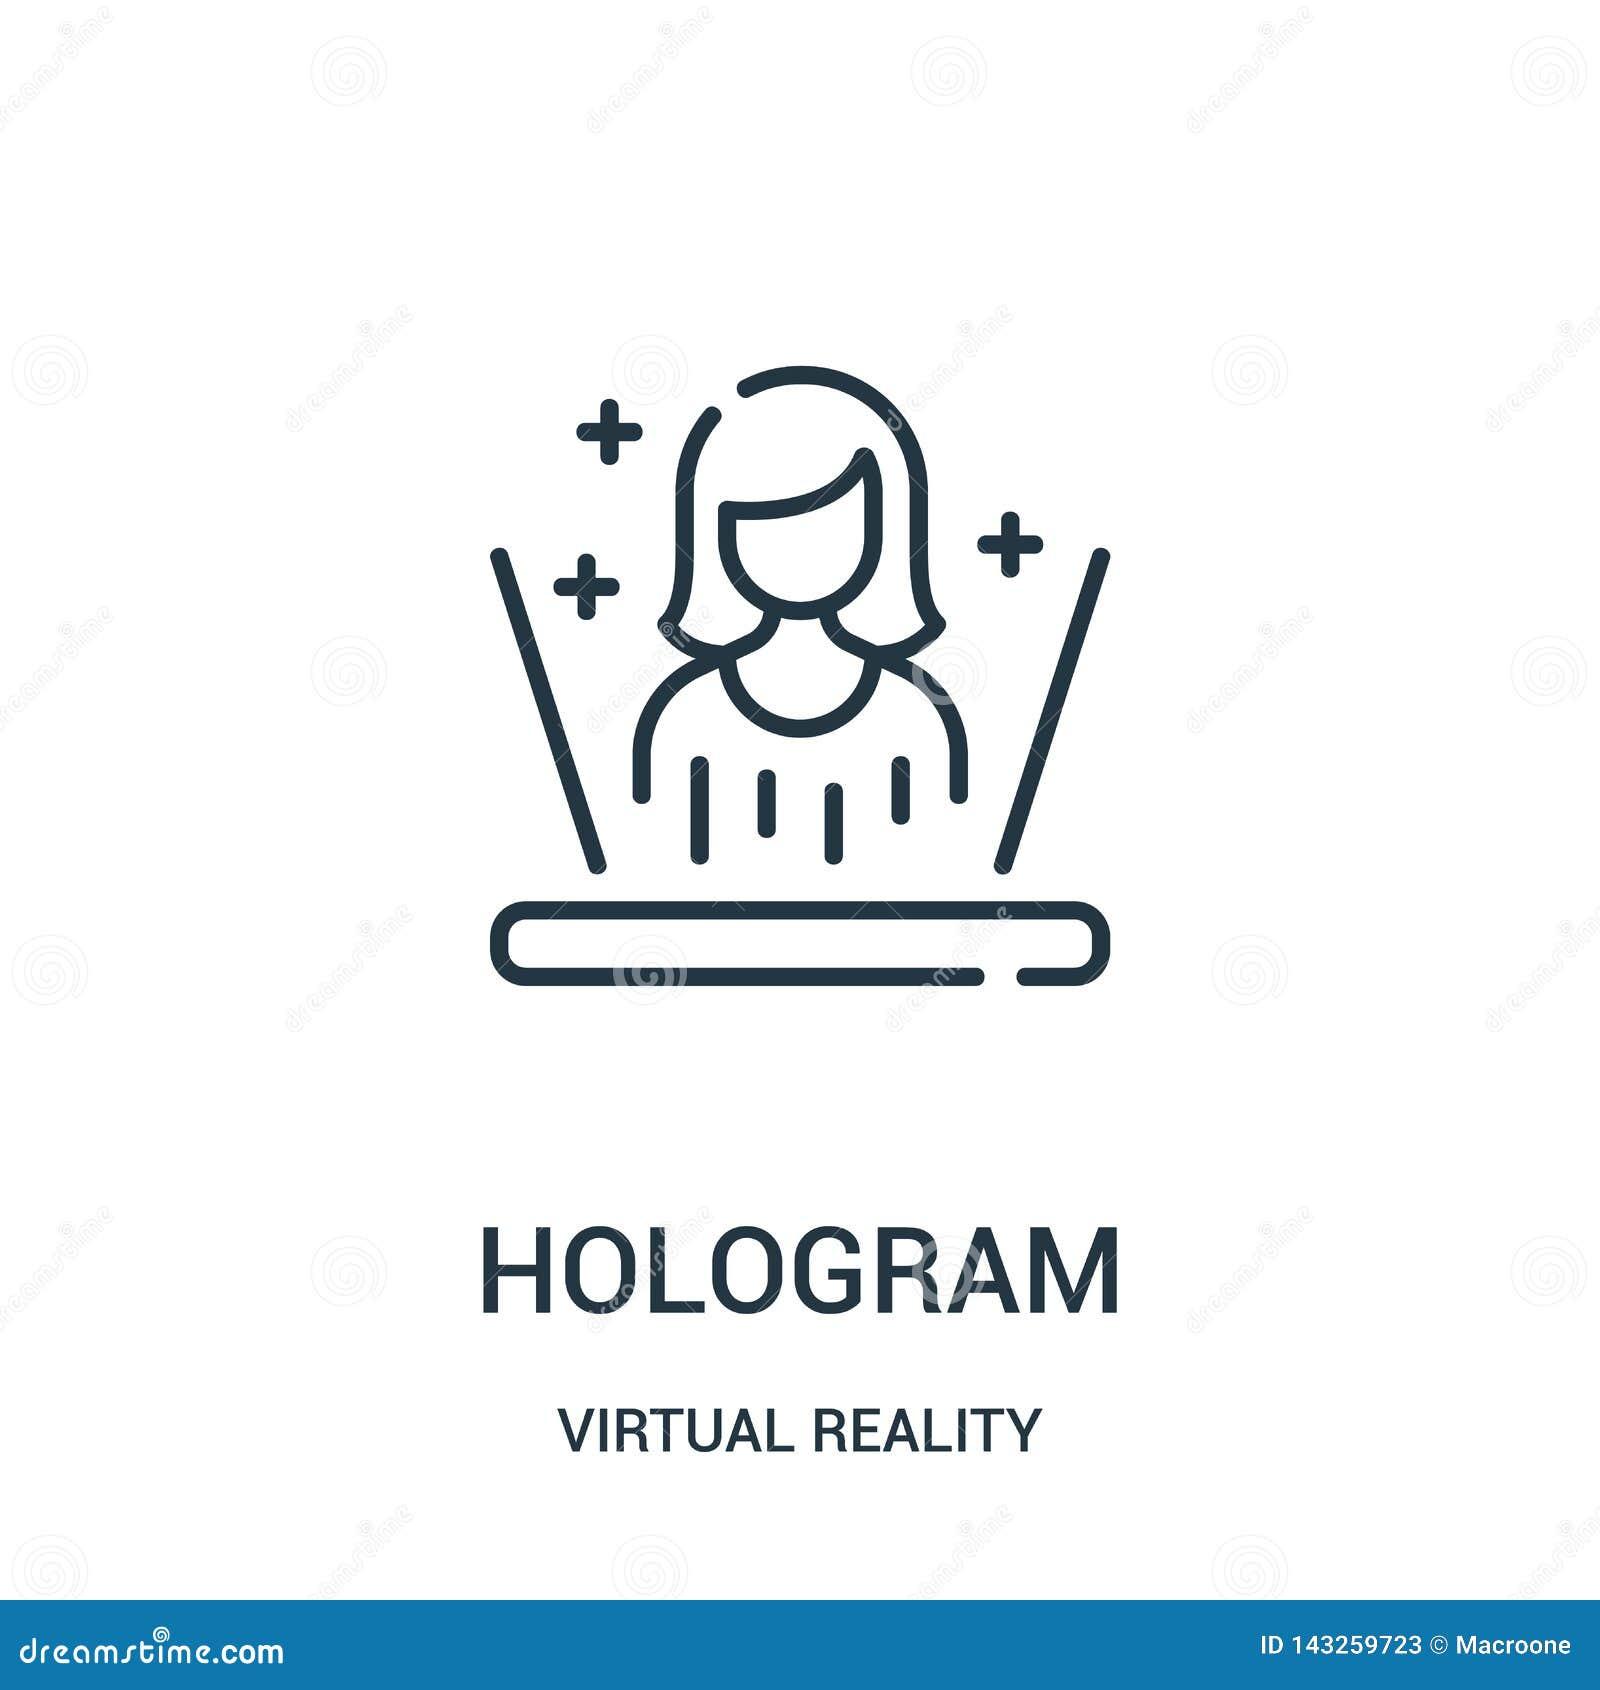 διάνυσμα εικονιδίων ολογραμμάτων από τη συλλογή εικονικής πραγματικότητας Λεπτή διανυσματική απεικόνιση εικονιδίων περιλήψεων ολο